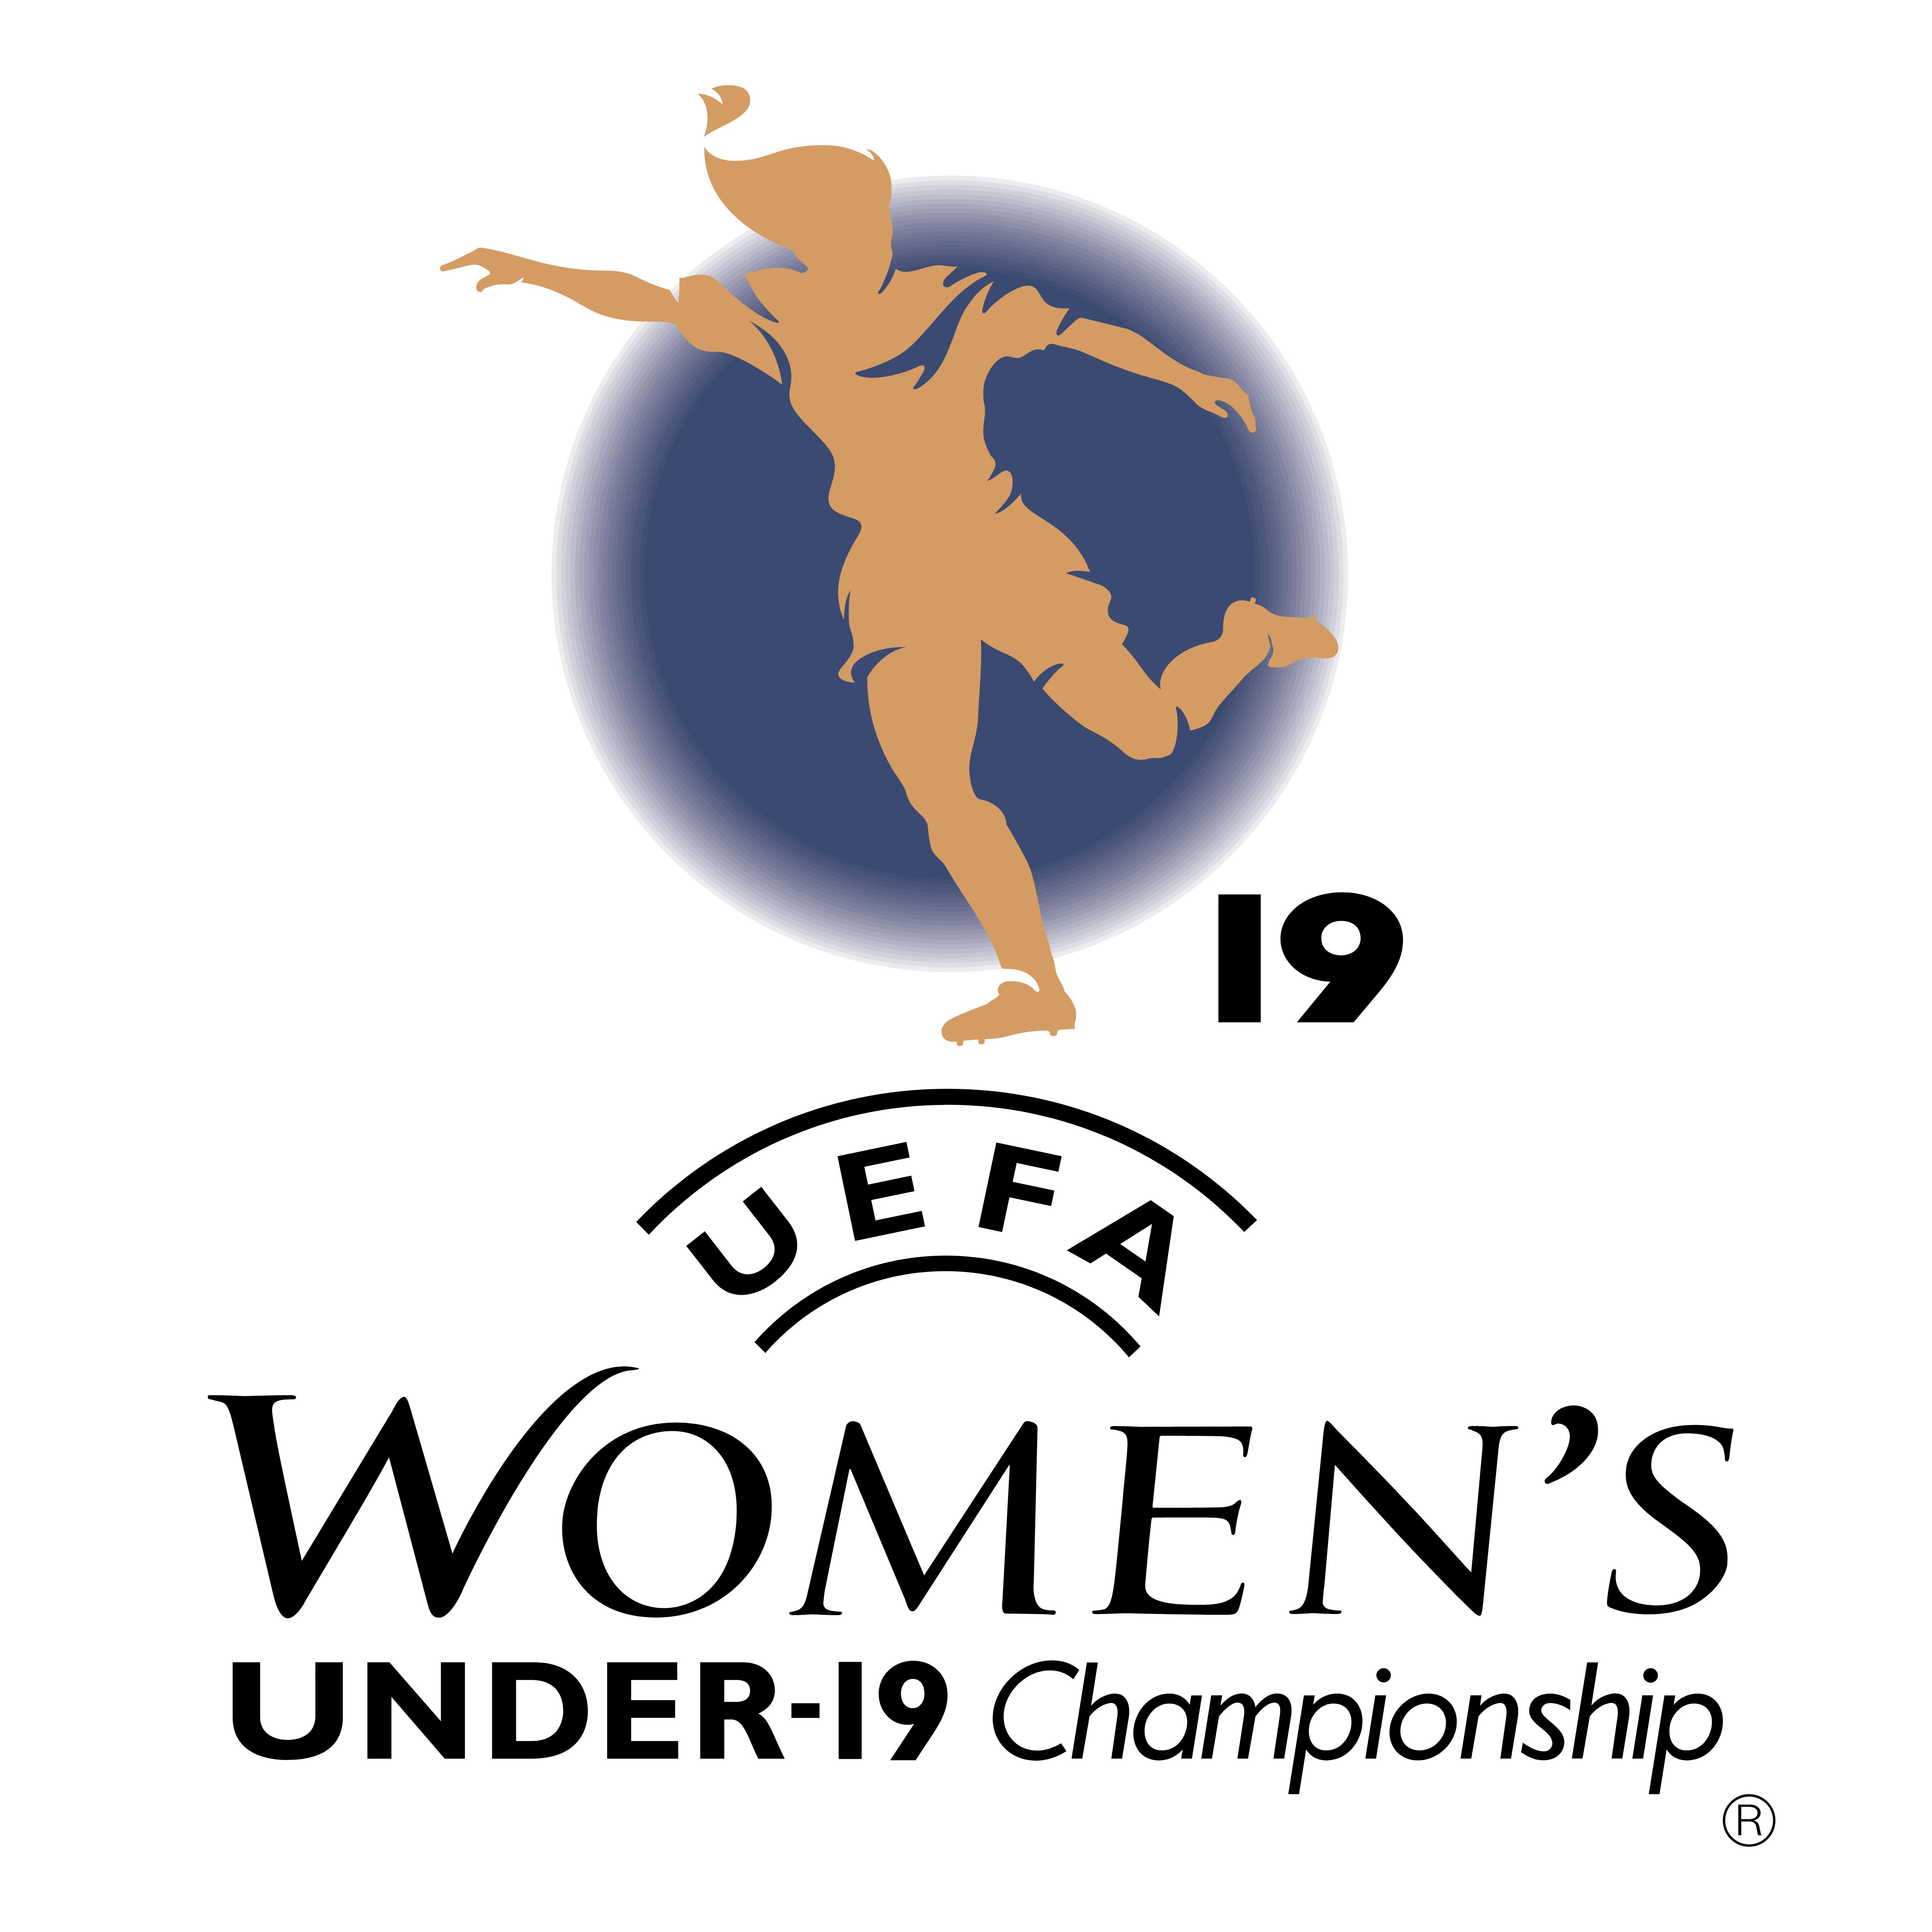 uefa under 19